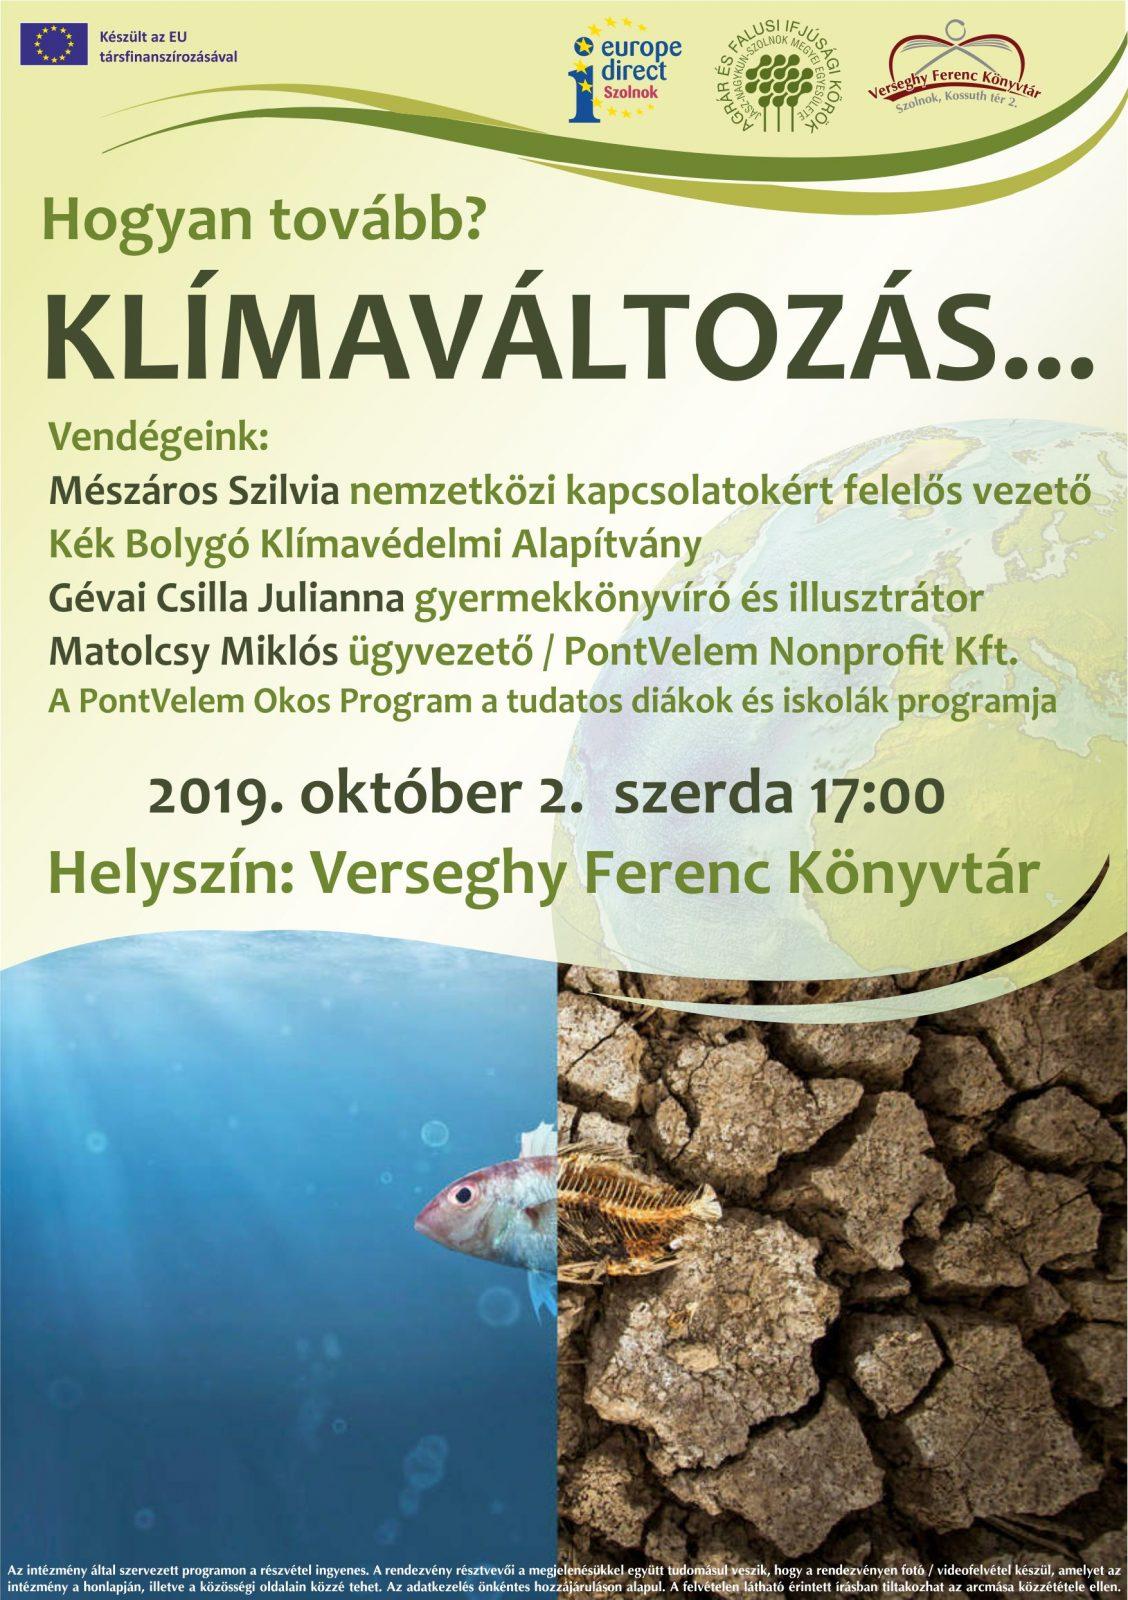 Hogyan tovább? Klímaváltozás. 2019.10.02. Plakát